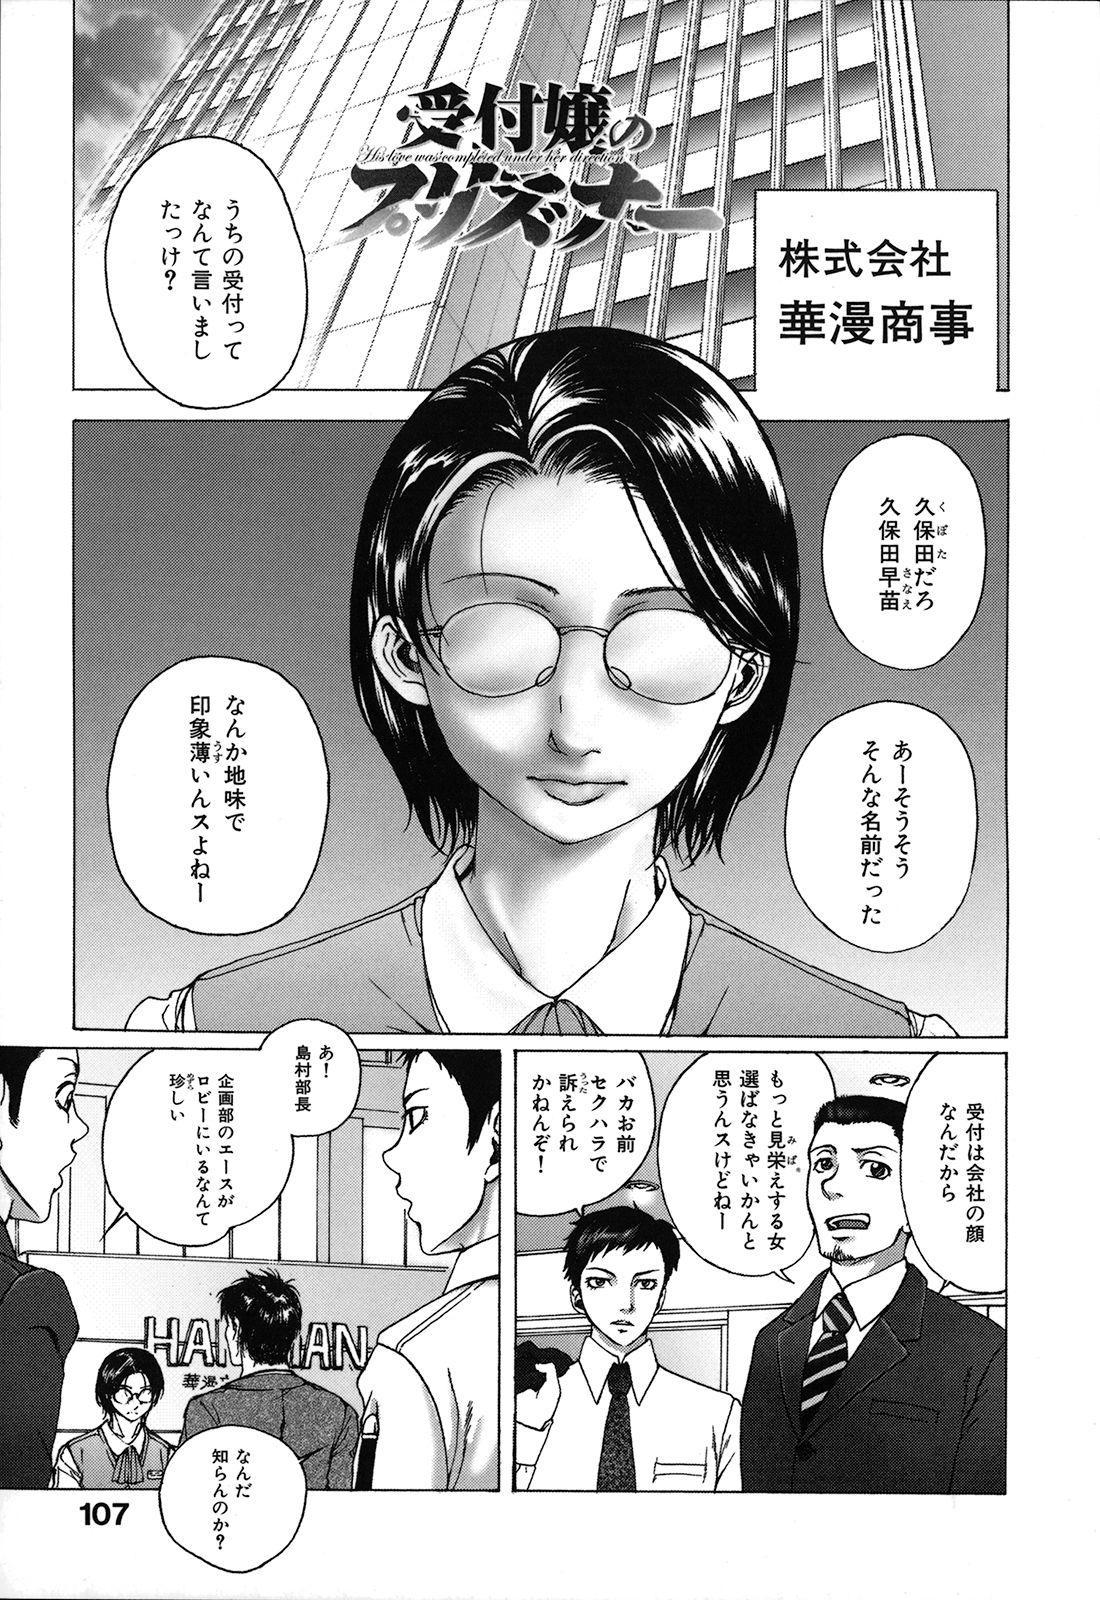 Kou Musume 110